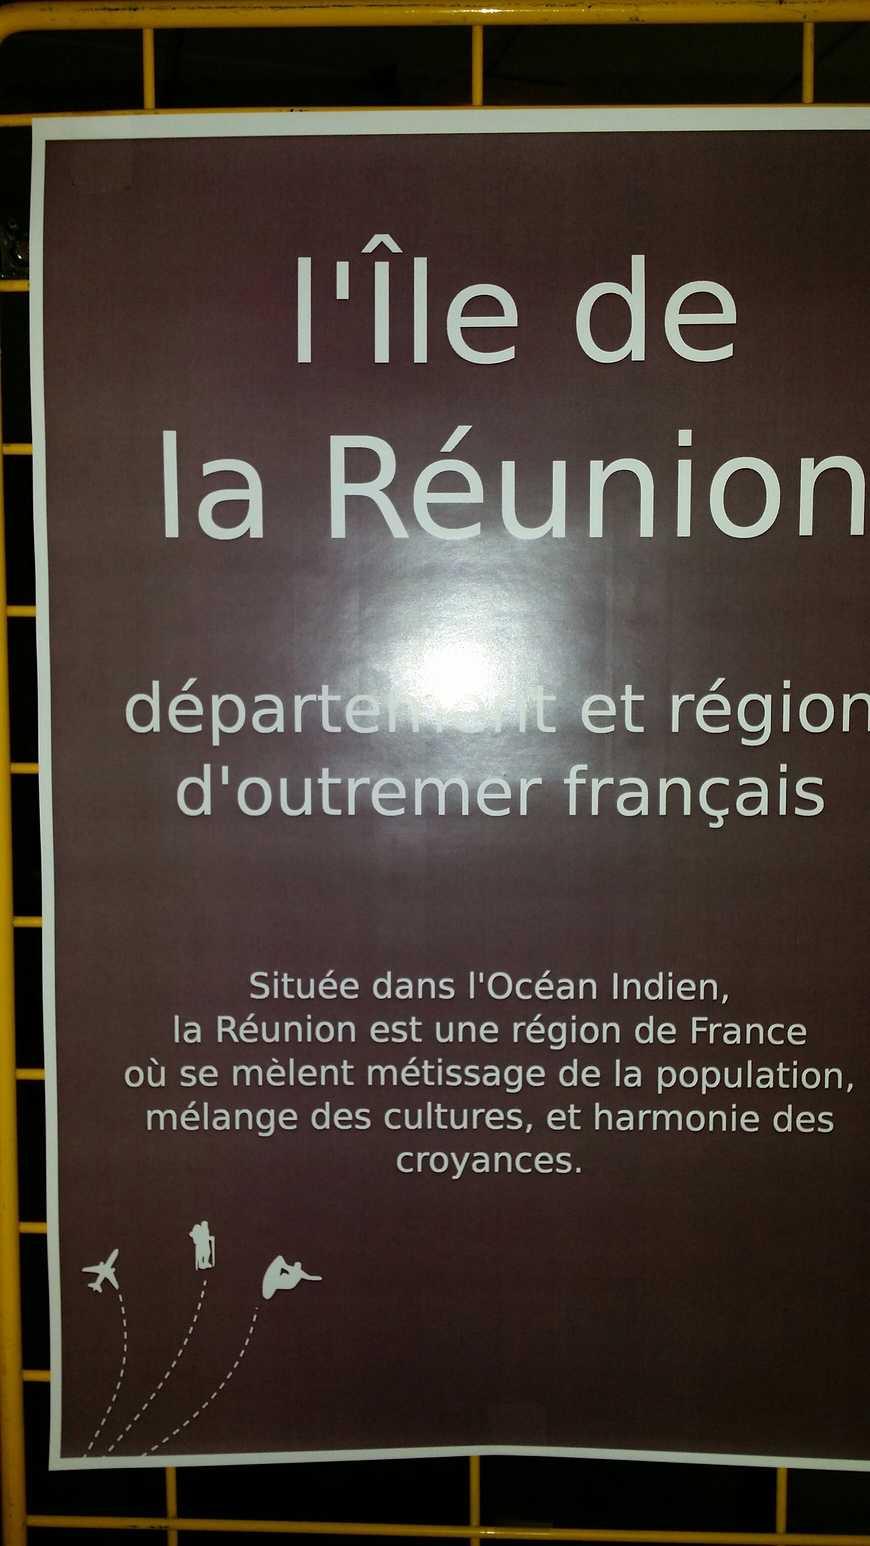 La Réunion: exposition dans le hall E 20141125143420resized